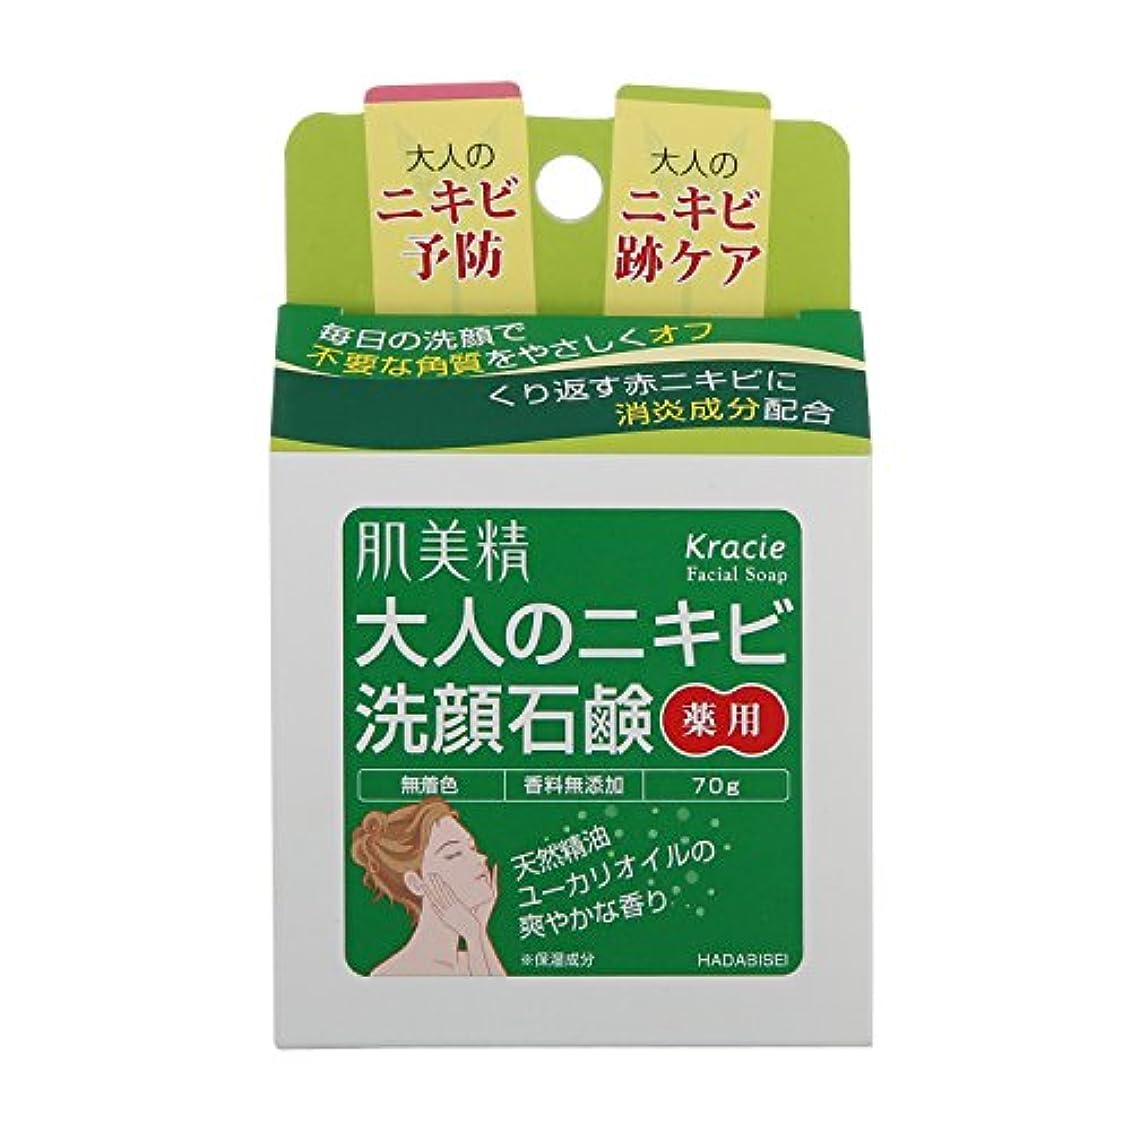 恩恵ホイップヨーロッパ肌美精 大人のニキビ 薬用洗顔石鹸 70g  [医薬部外品]